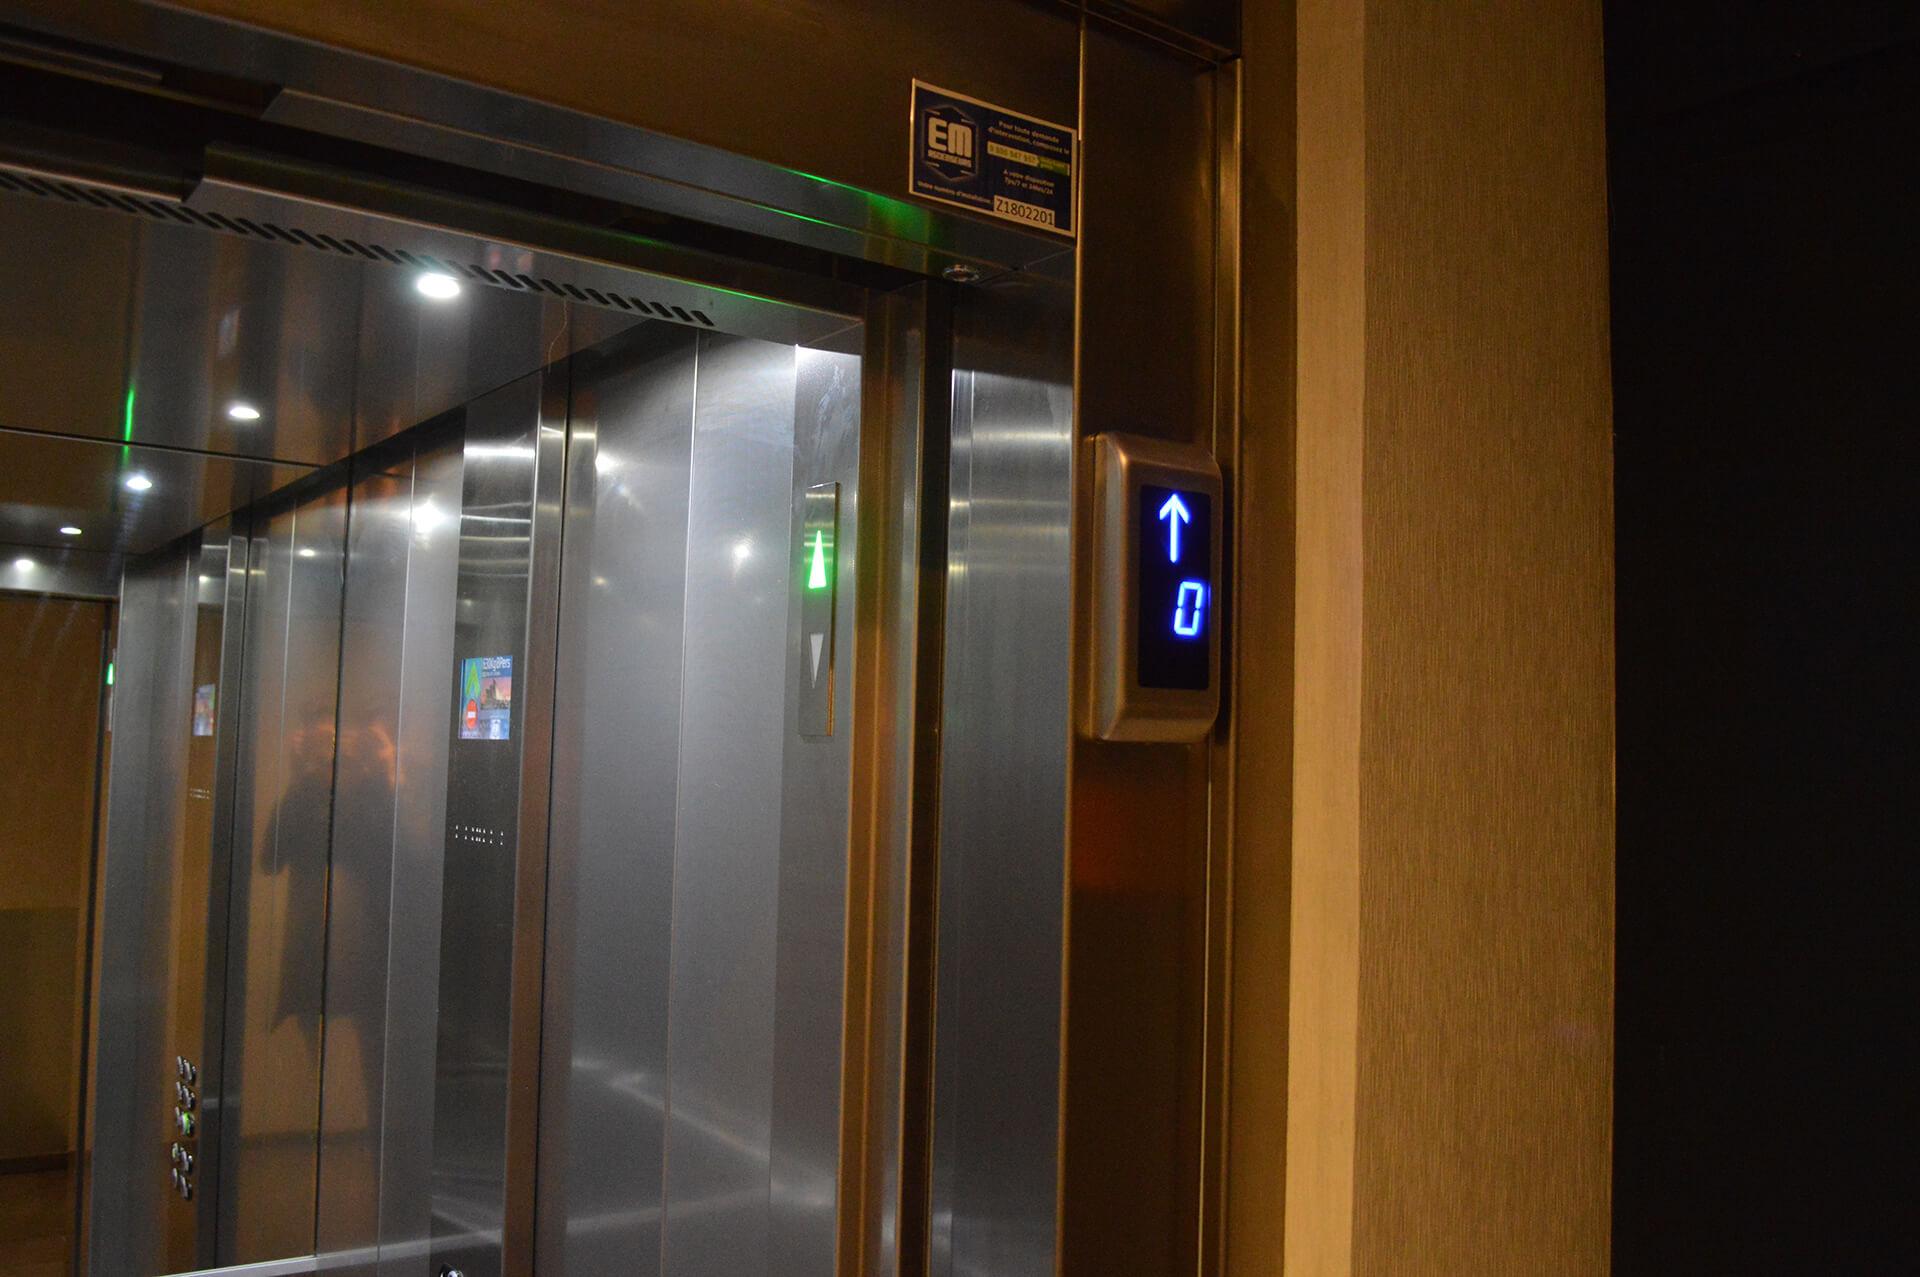 Installation ascenseur numéro 1 Dijon - EM Ascenseurs spécialiste